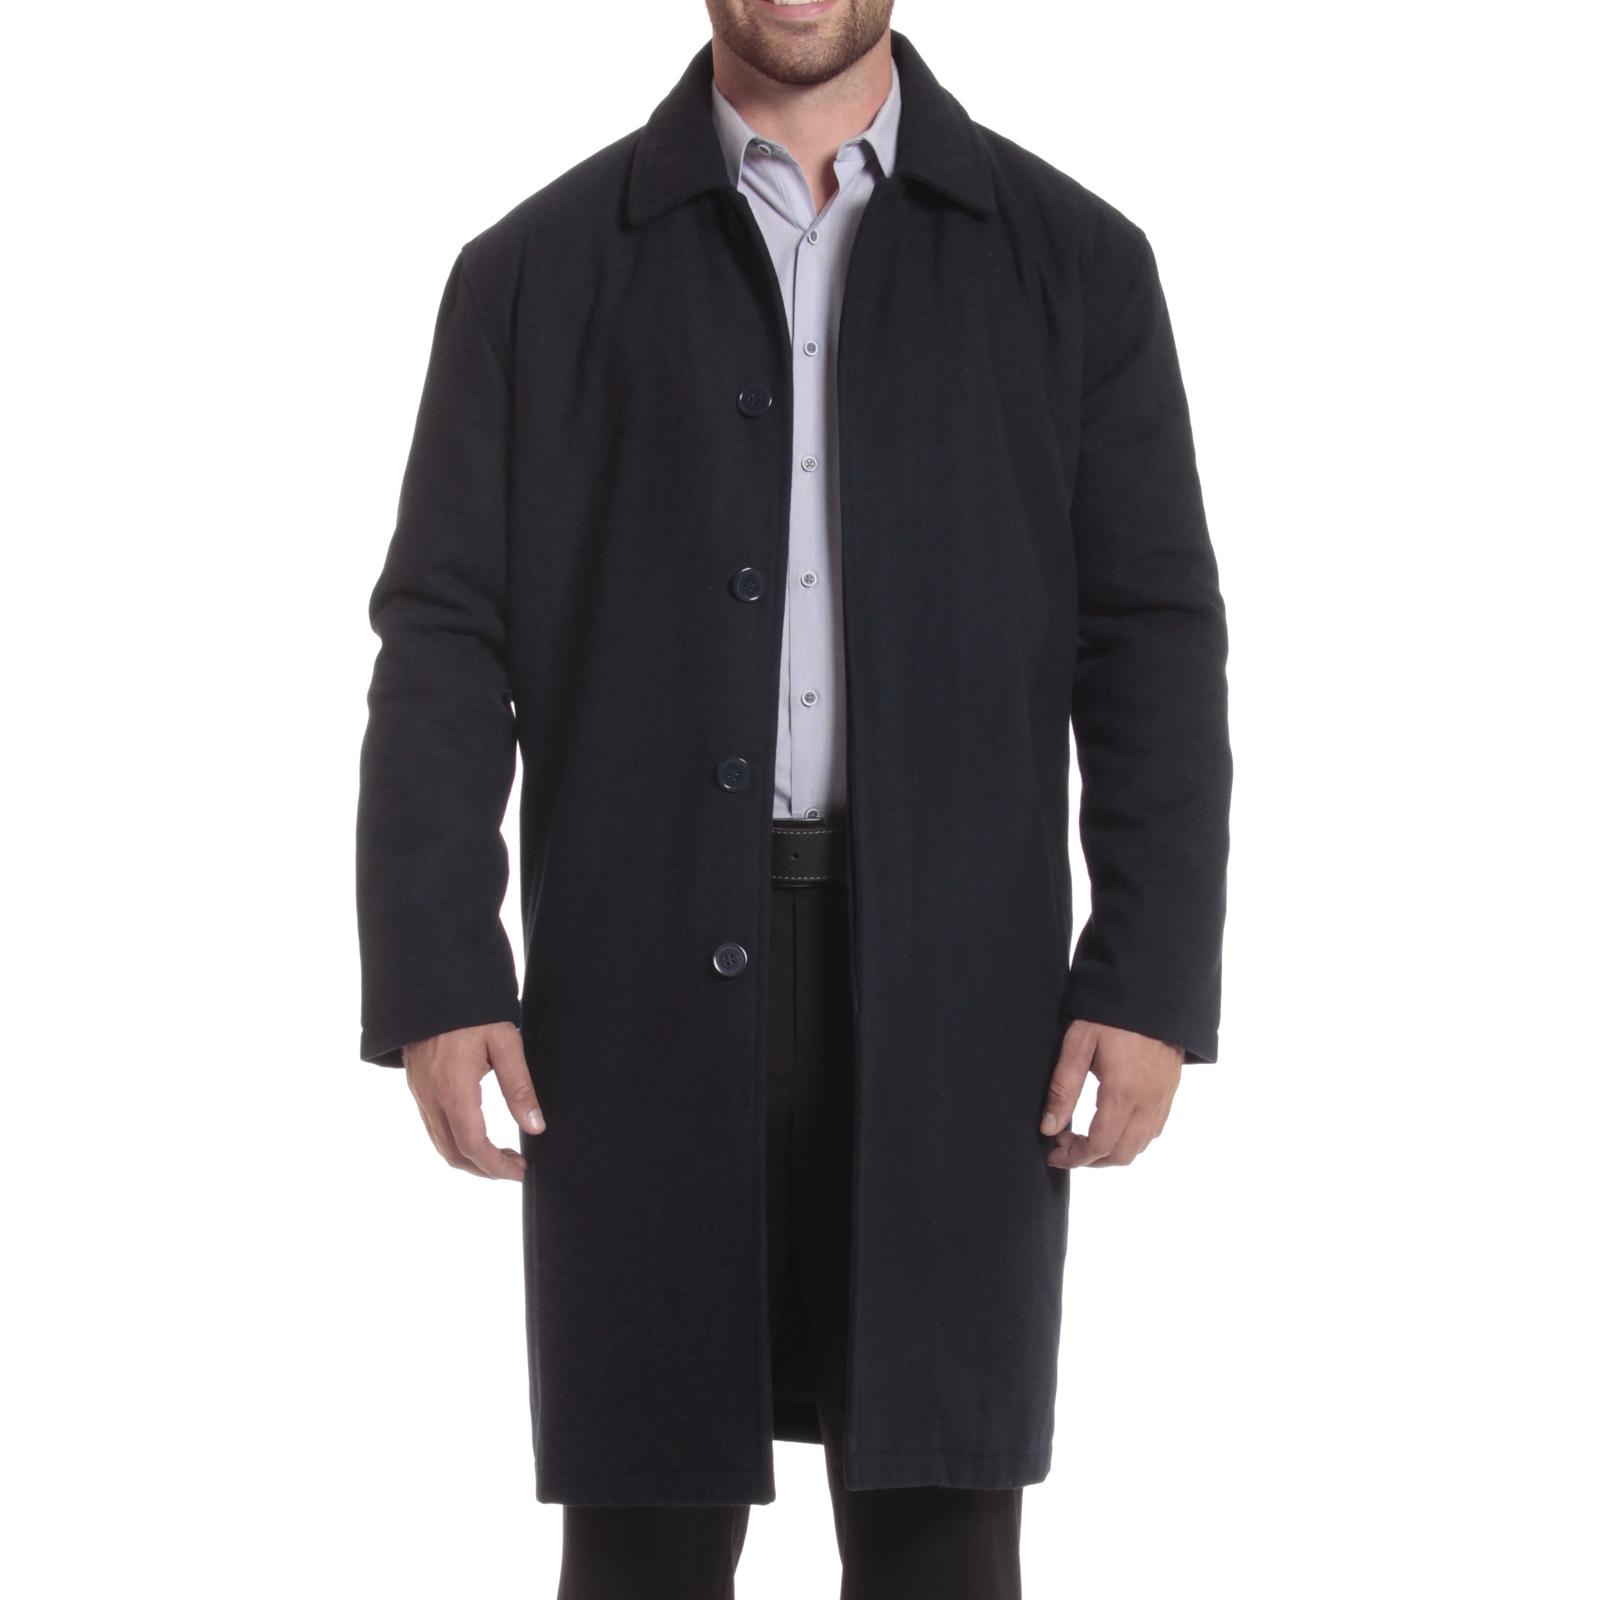 Alpine Swiss Mens Zach Knee Length Jacket Top Coat Trench Wool Blend Overcoat